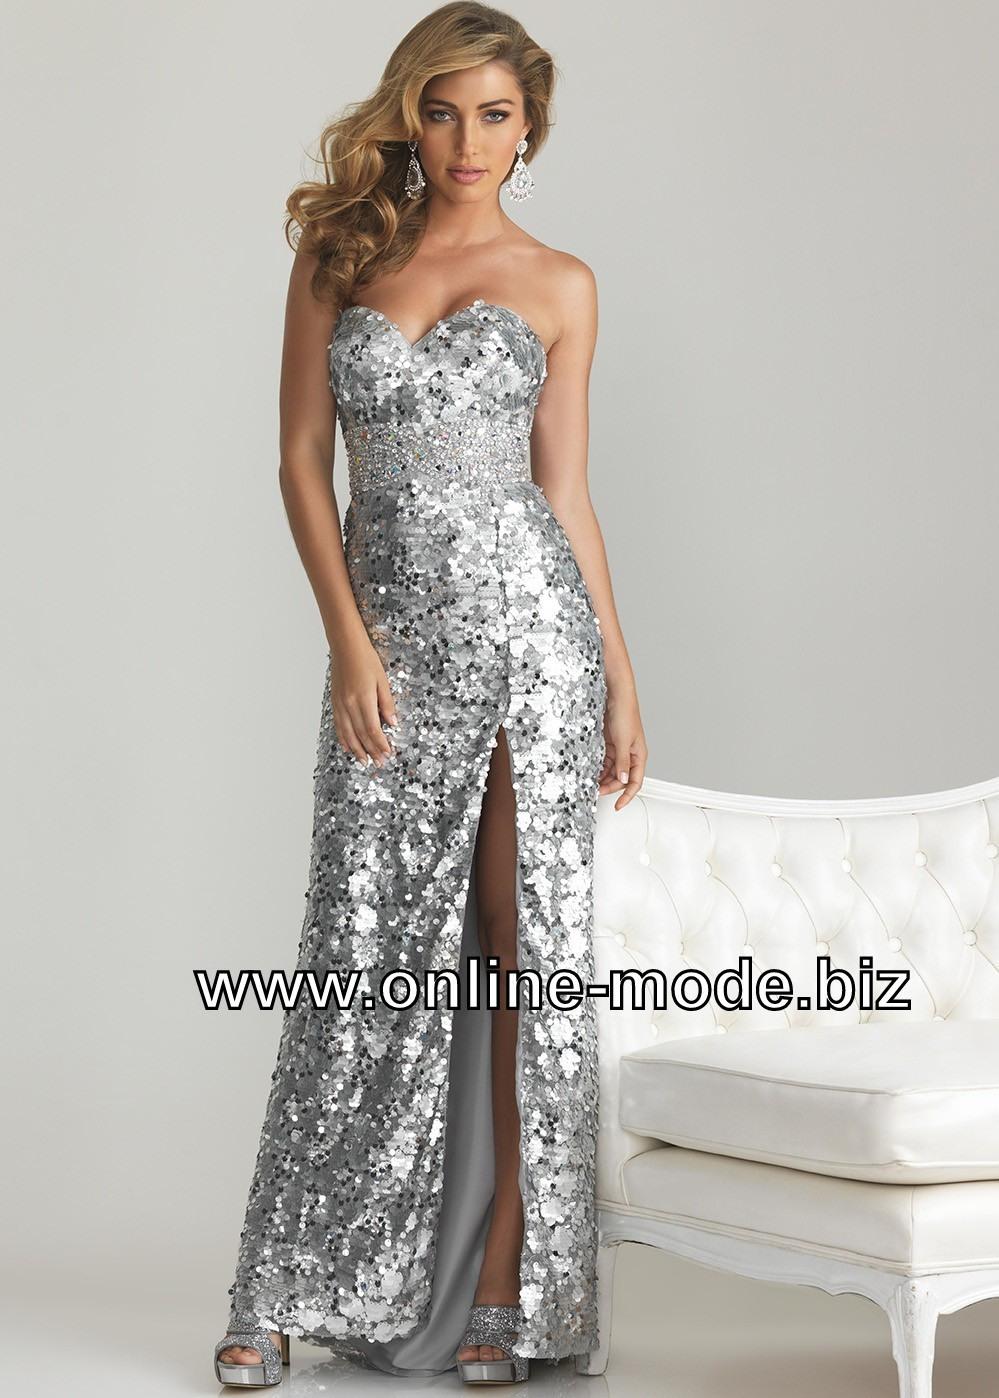 Formal Luxurius Silber Abend Kleid Vertrieb10 Schön Silber Abend Kleid Galerie